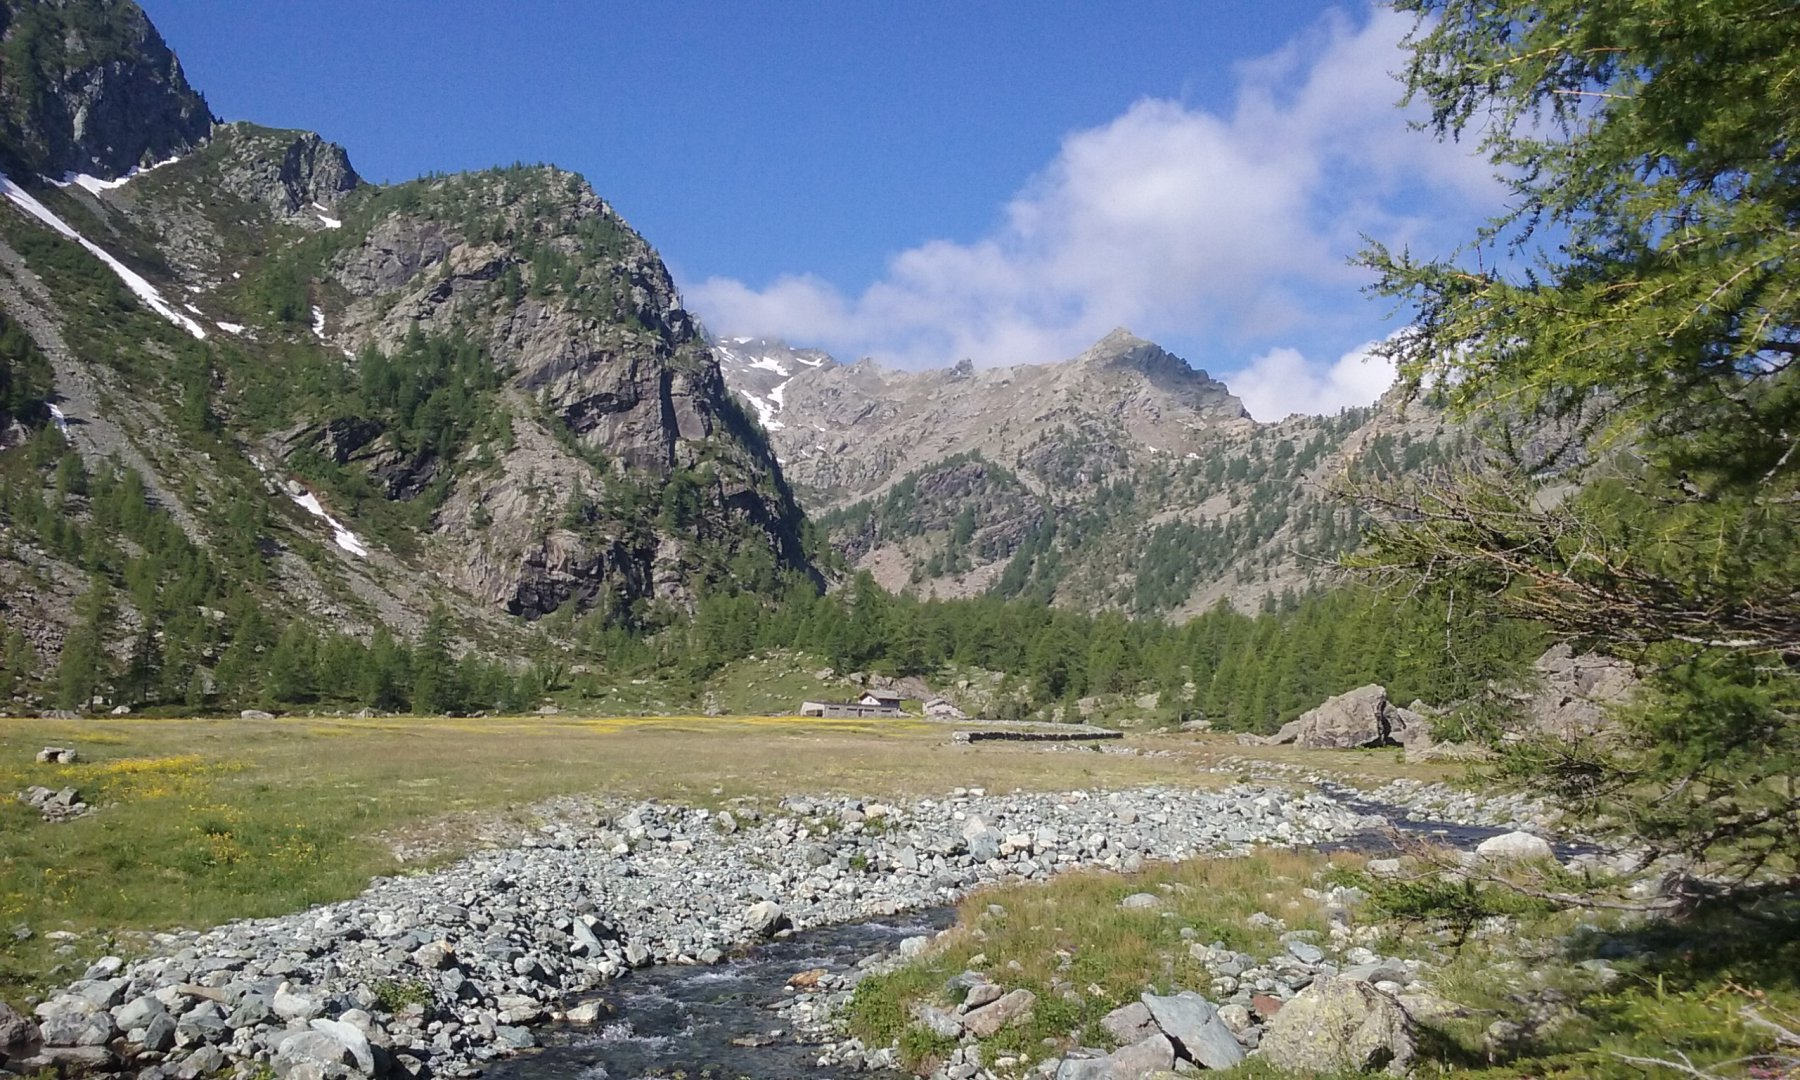 L'Alpe Vercoche e il Bec Laris in lontananza